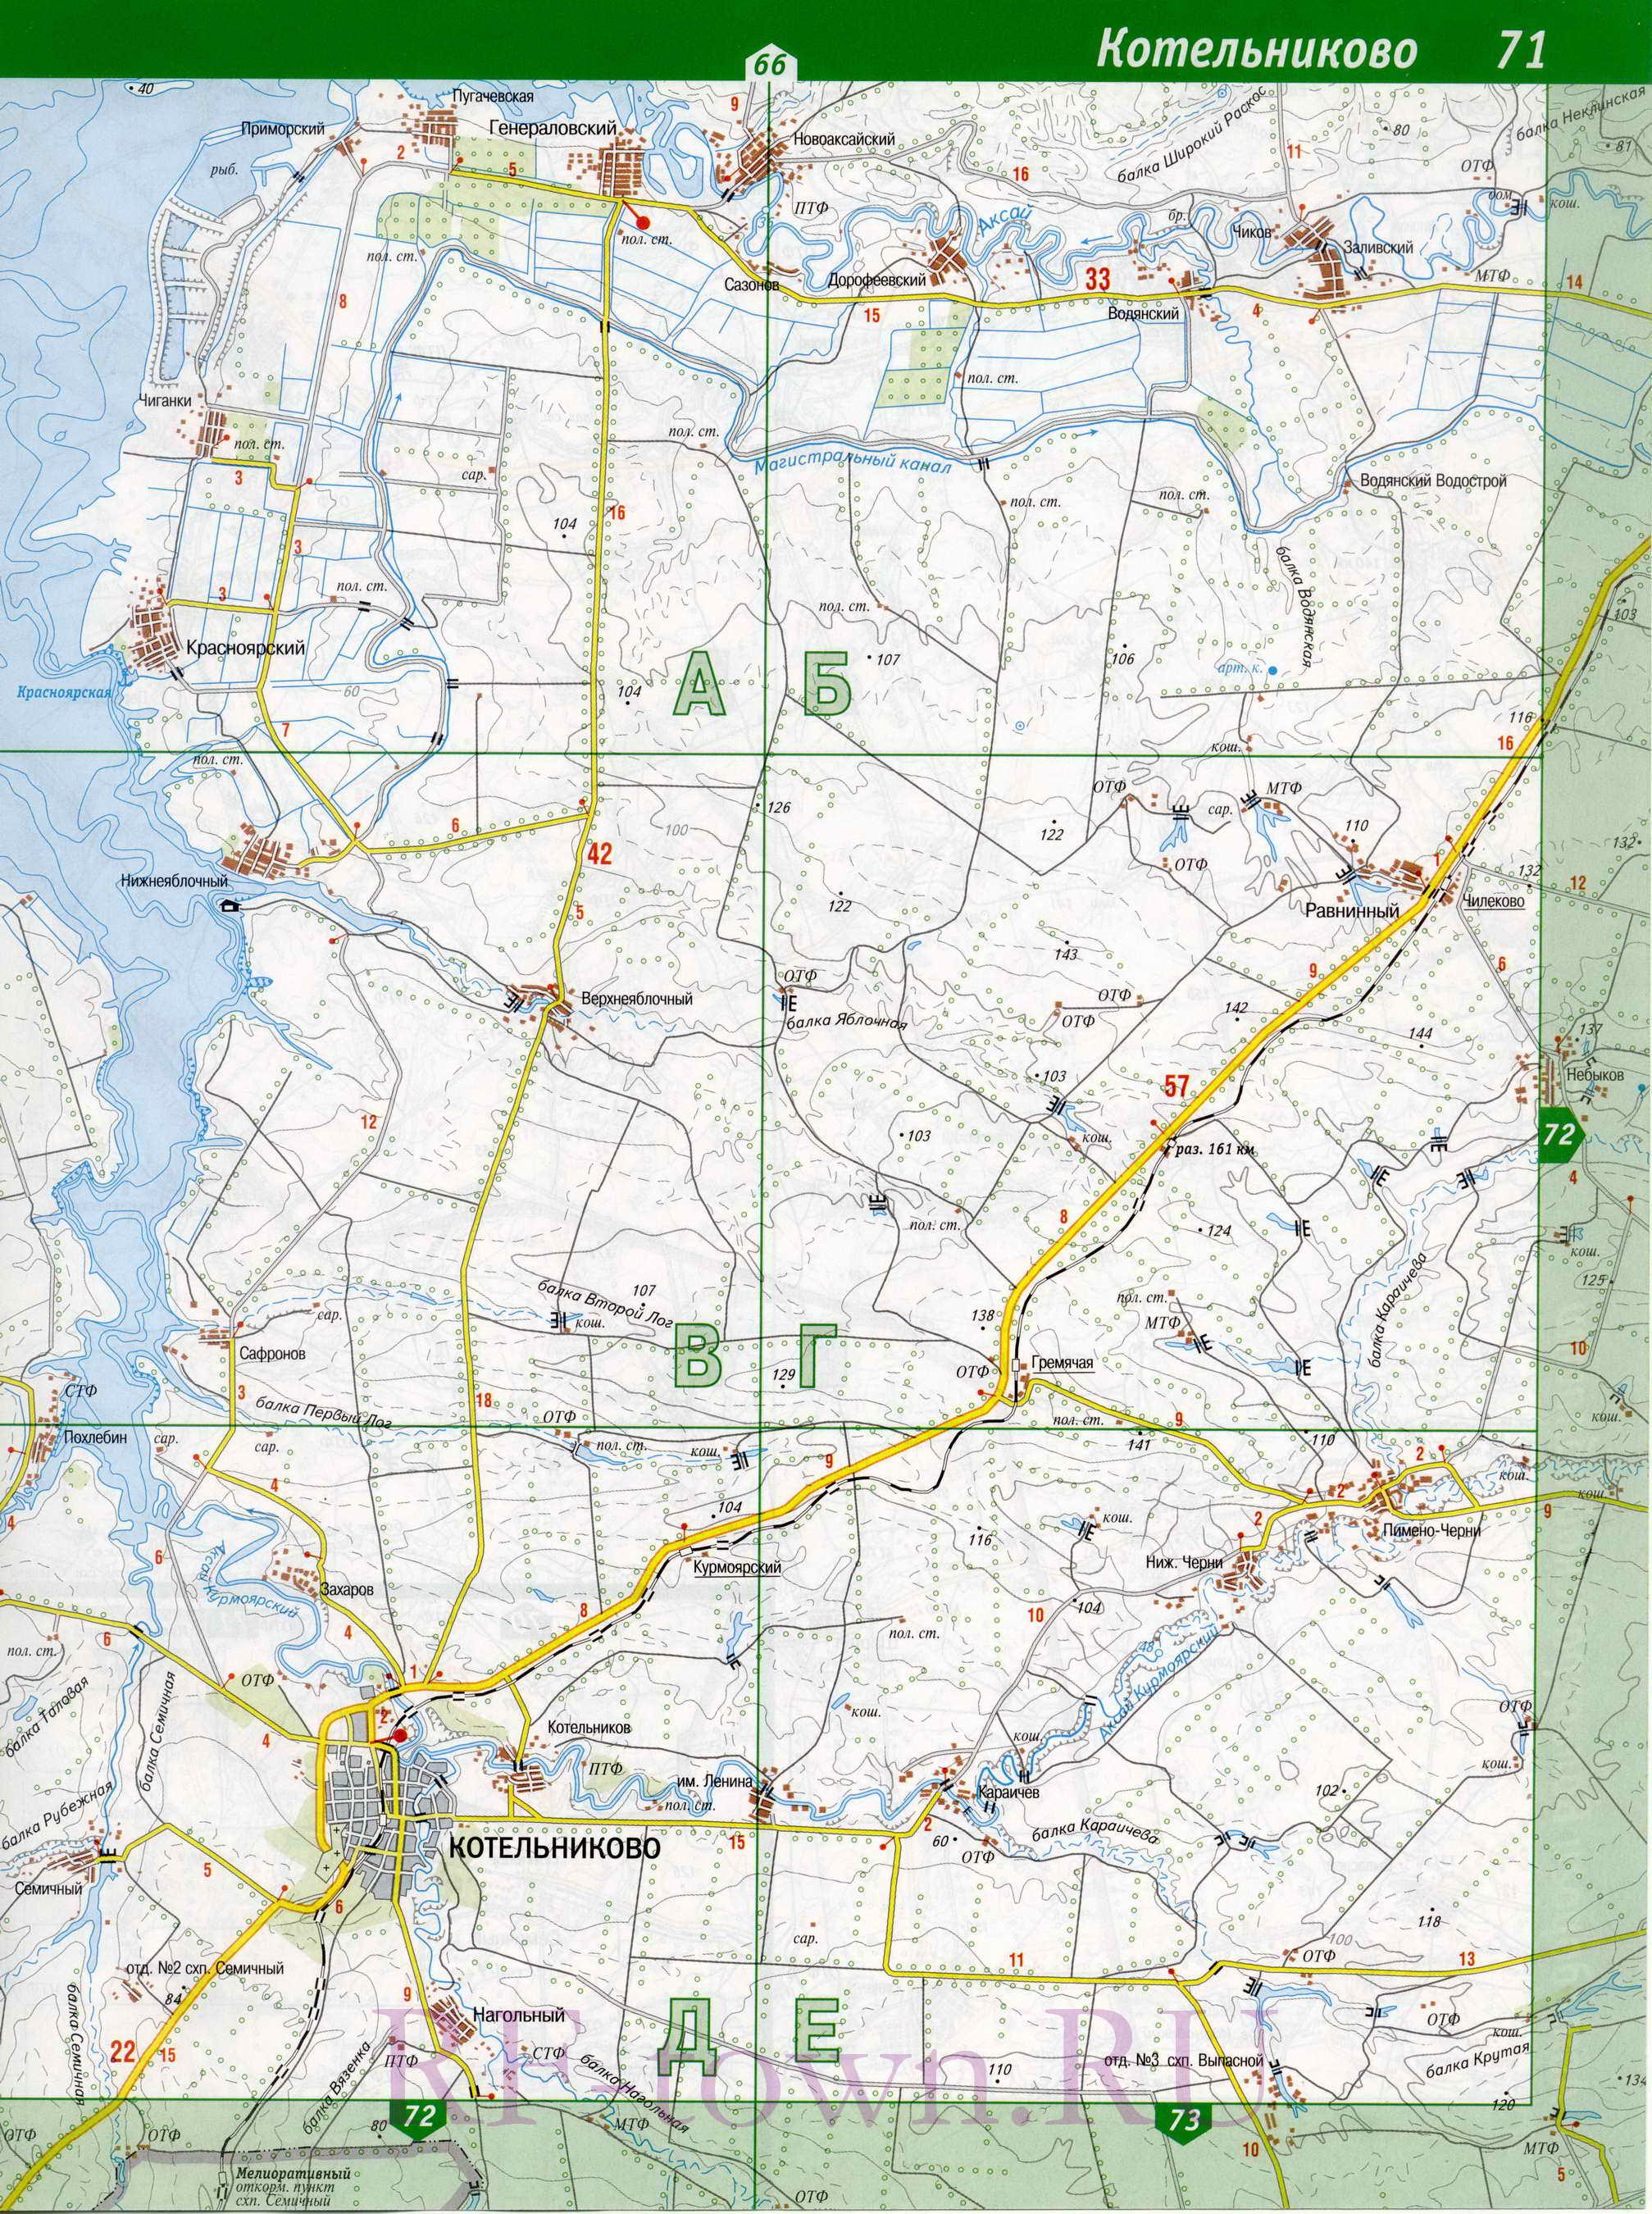 прогноз клева рыбы в волгоградской области новониколаевский район